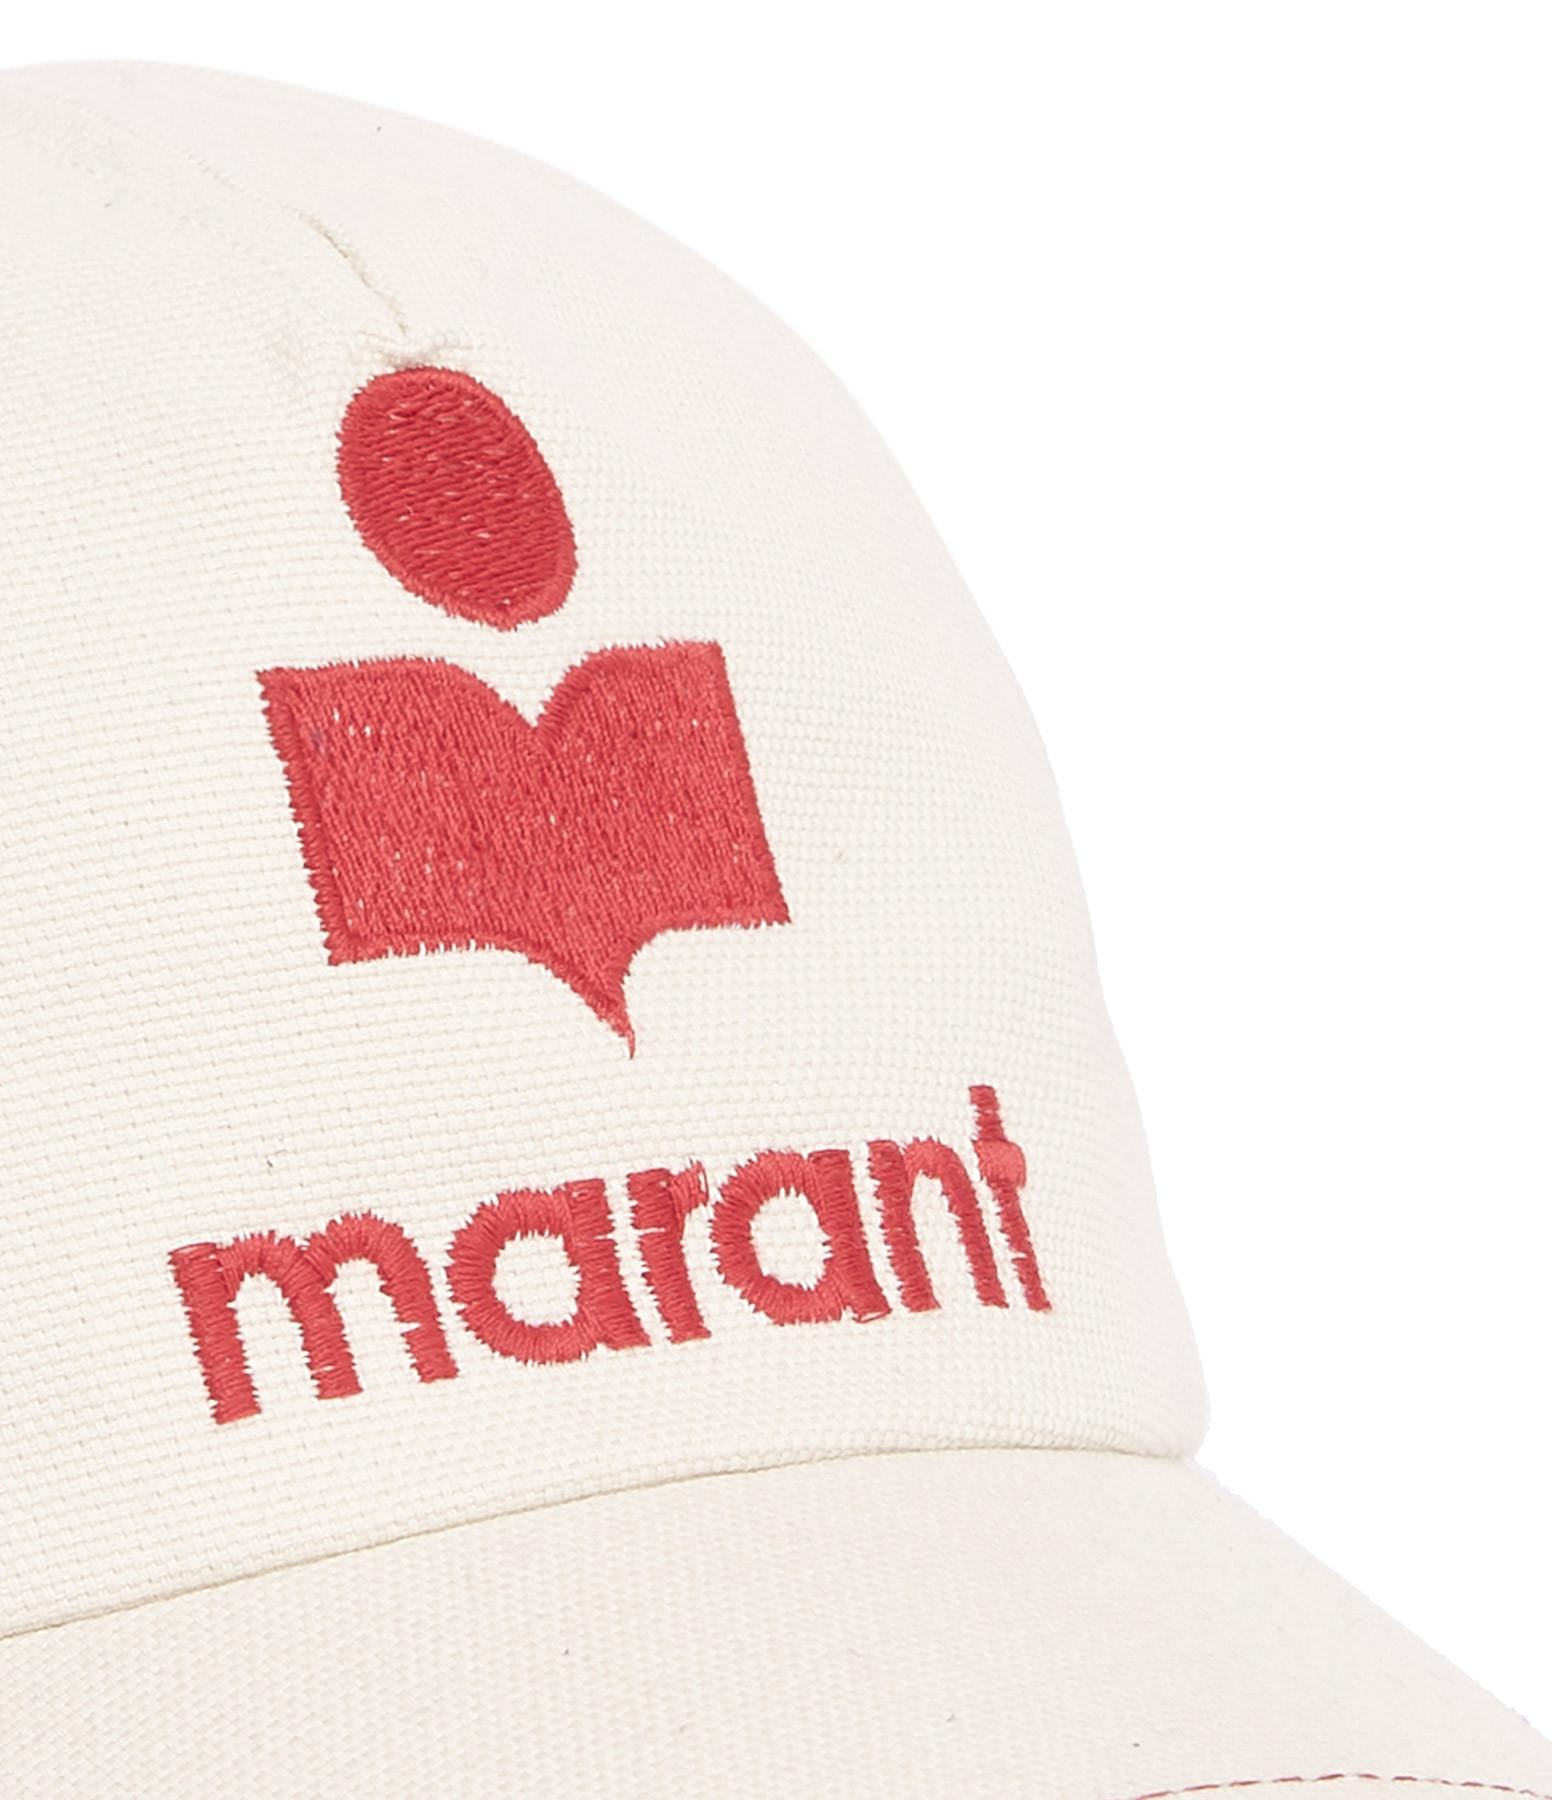 ISABEL MARANT - Casquette Tyron Coton Écru